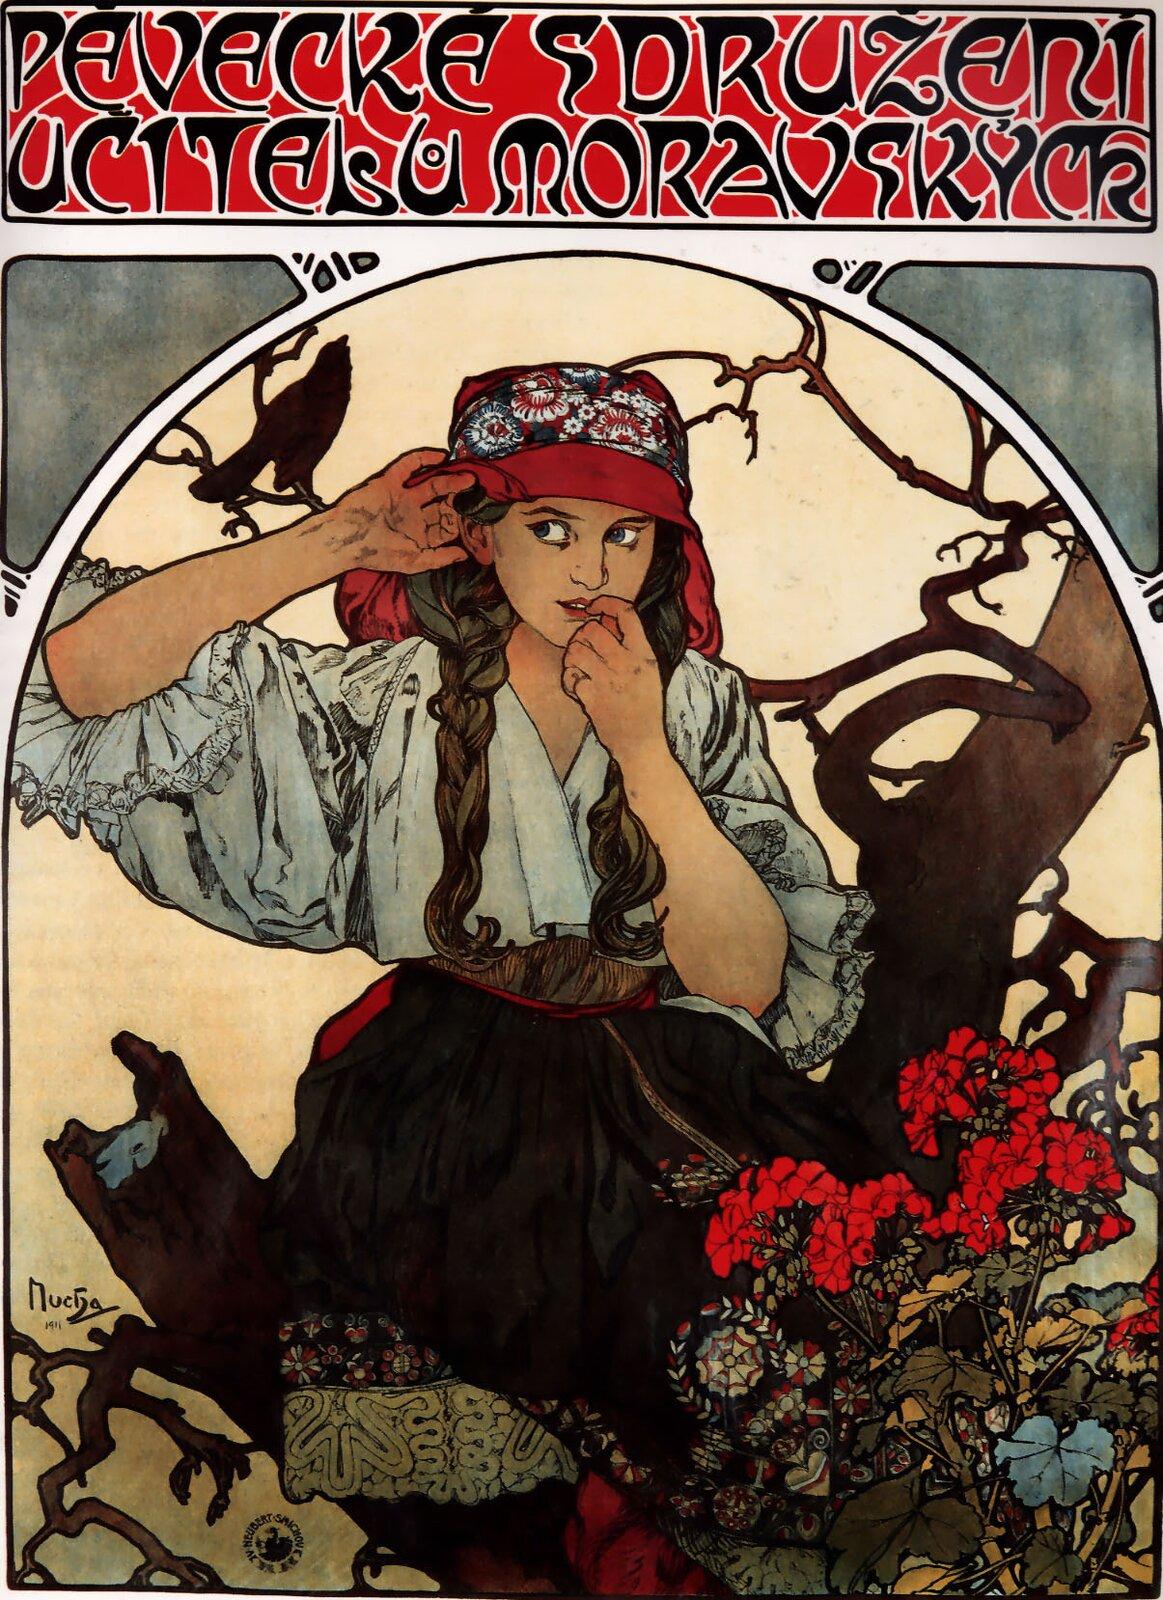 Plakat Morawskiego Chóru Nauczycieli Ilustracja 2 Źródło: Alfons Mucha, Plakat Morawskiego Chóru Nauczycieli, 1911, litografia barwna, zbiory prywatne, domena publiczna.